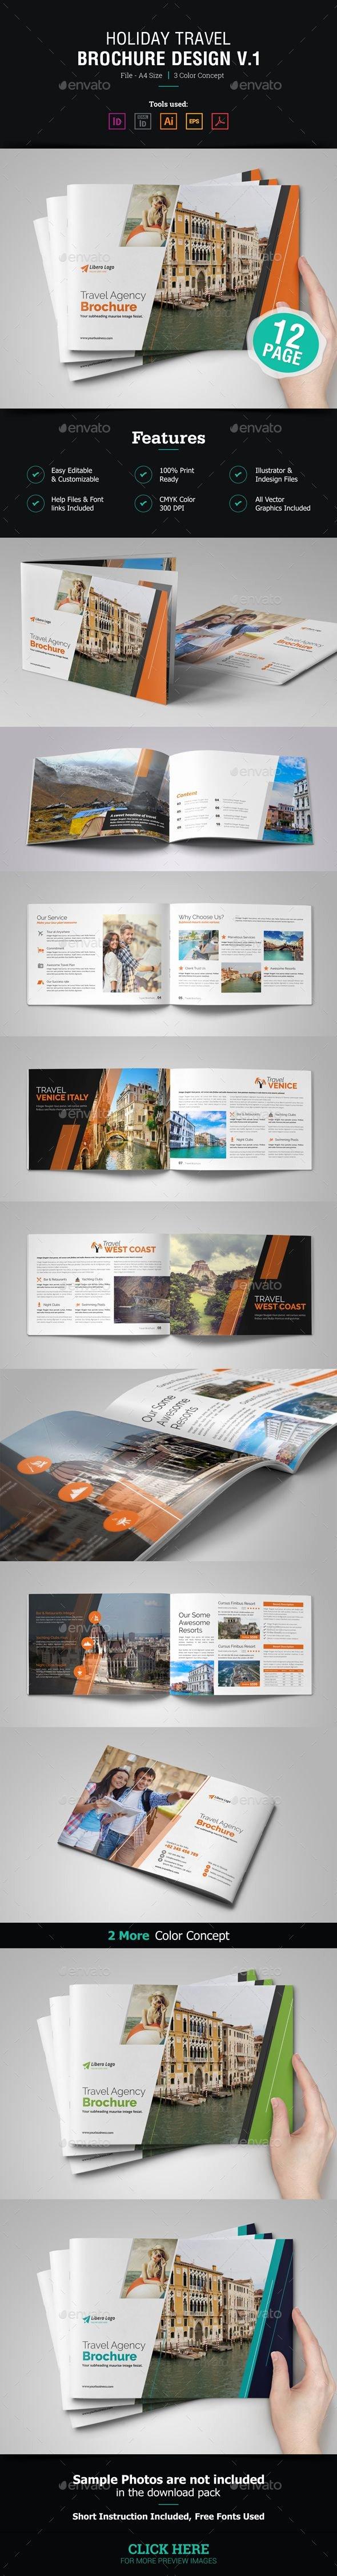 Teacher Brochure for Interview Template Inspirational 1000 Ideas About Travel Brochure Template On Pinterest